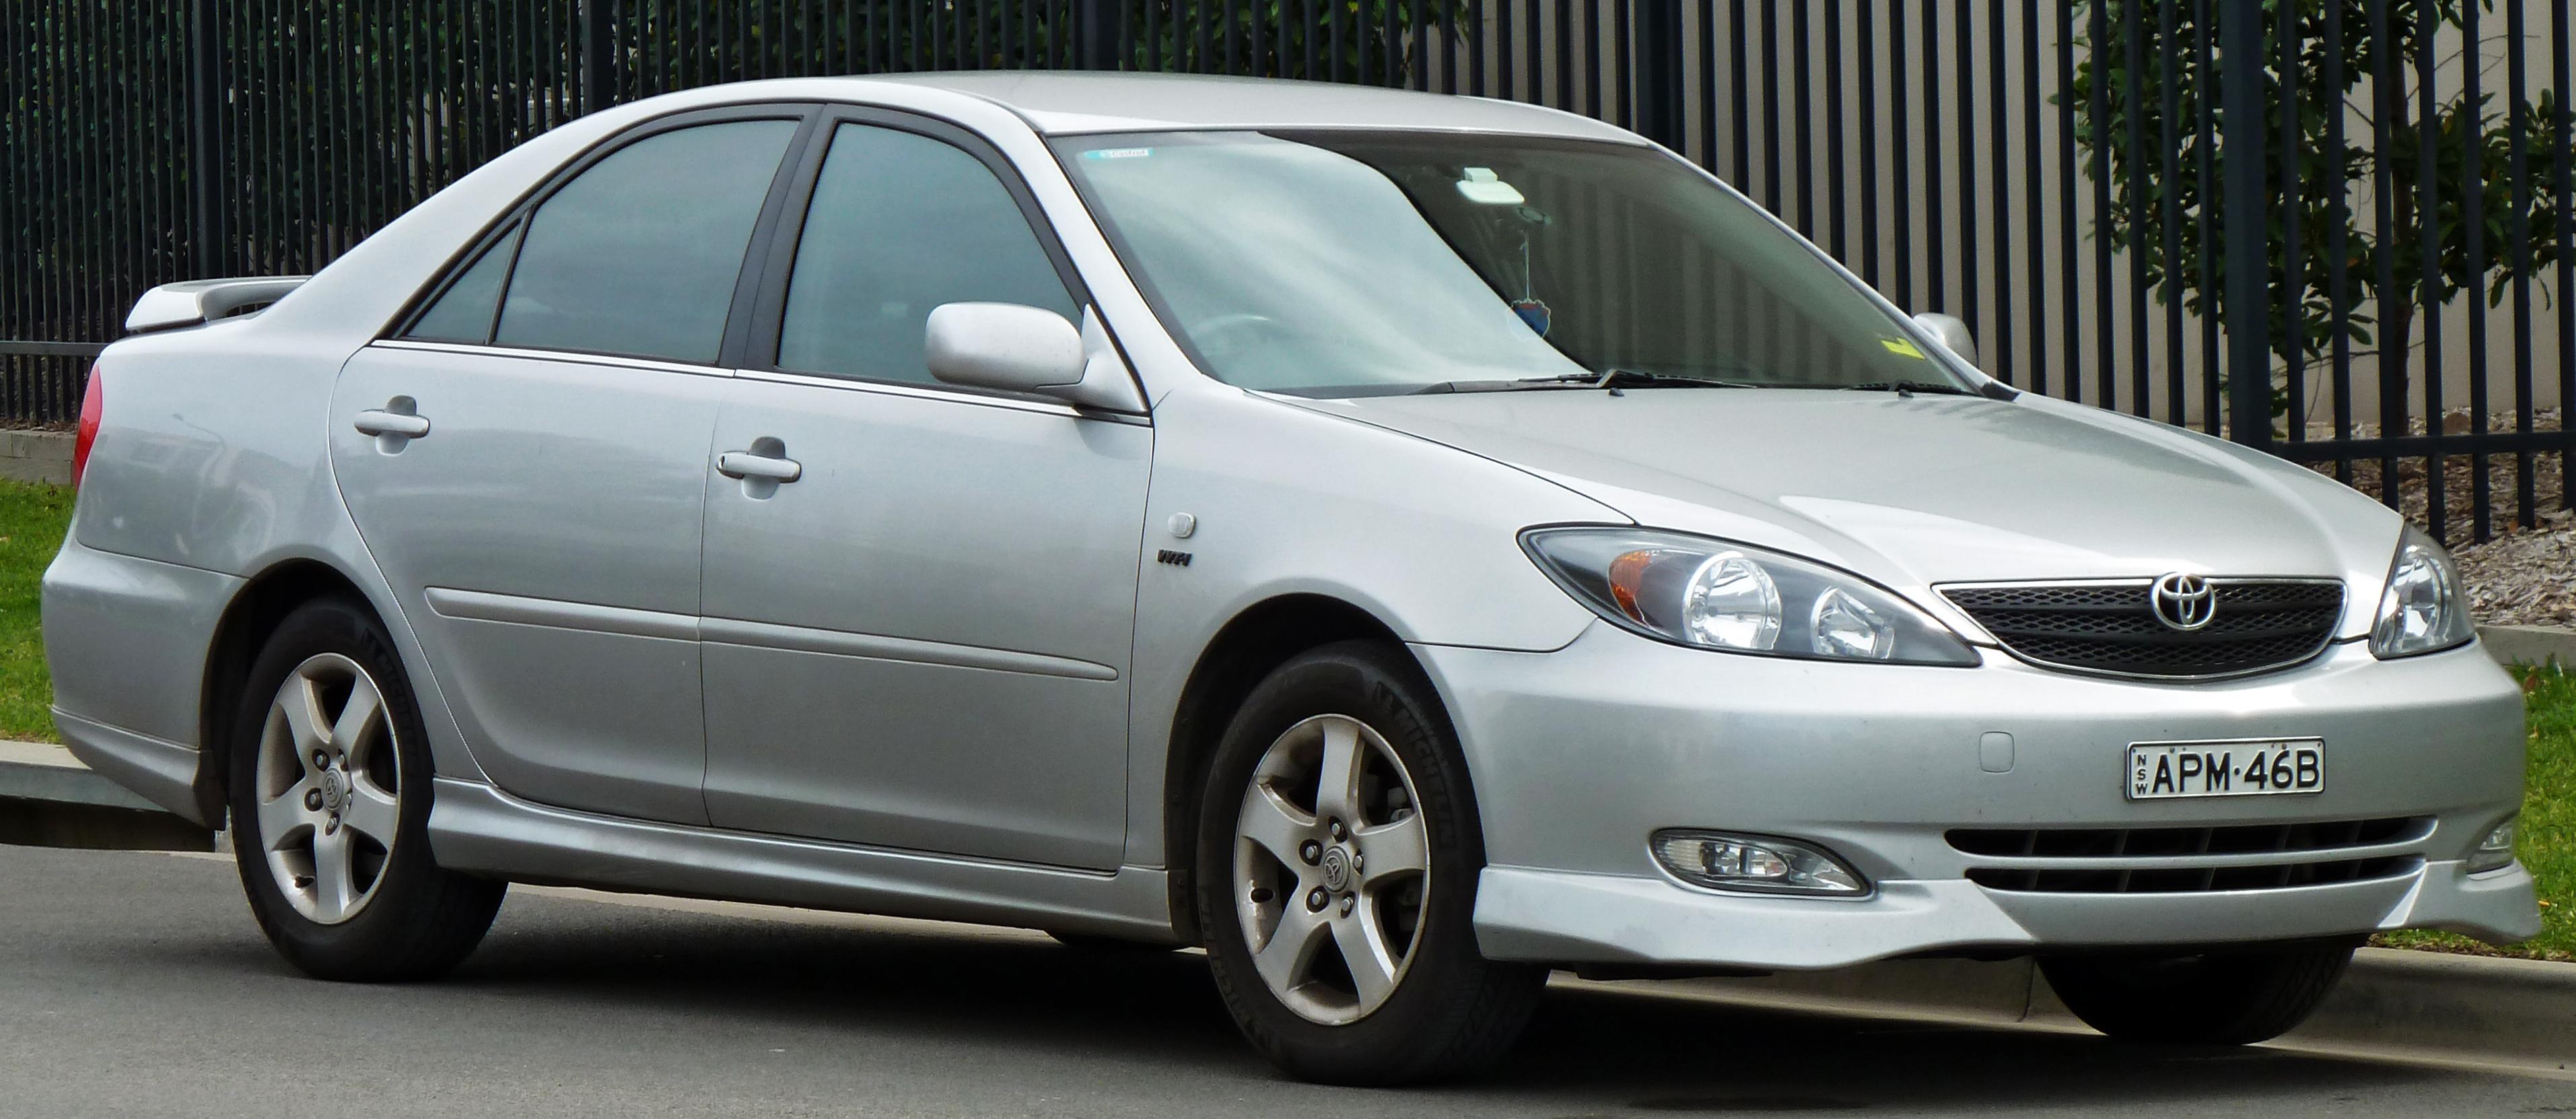 Daihatsu Altis II (SXV30) 2001 - 2004 Sedan #5